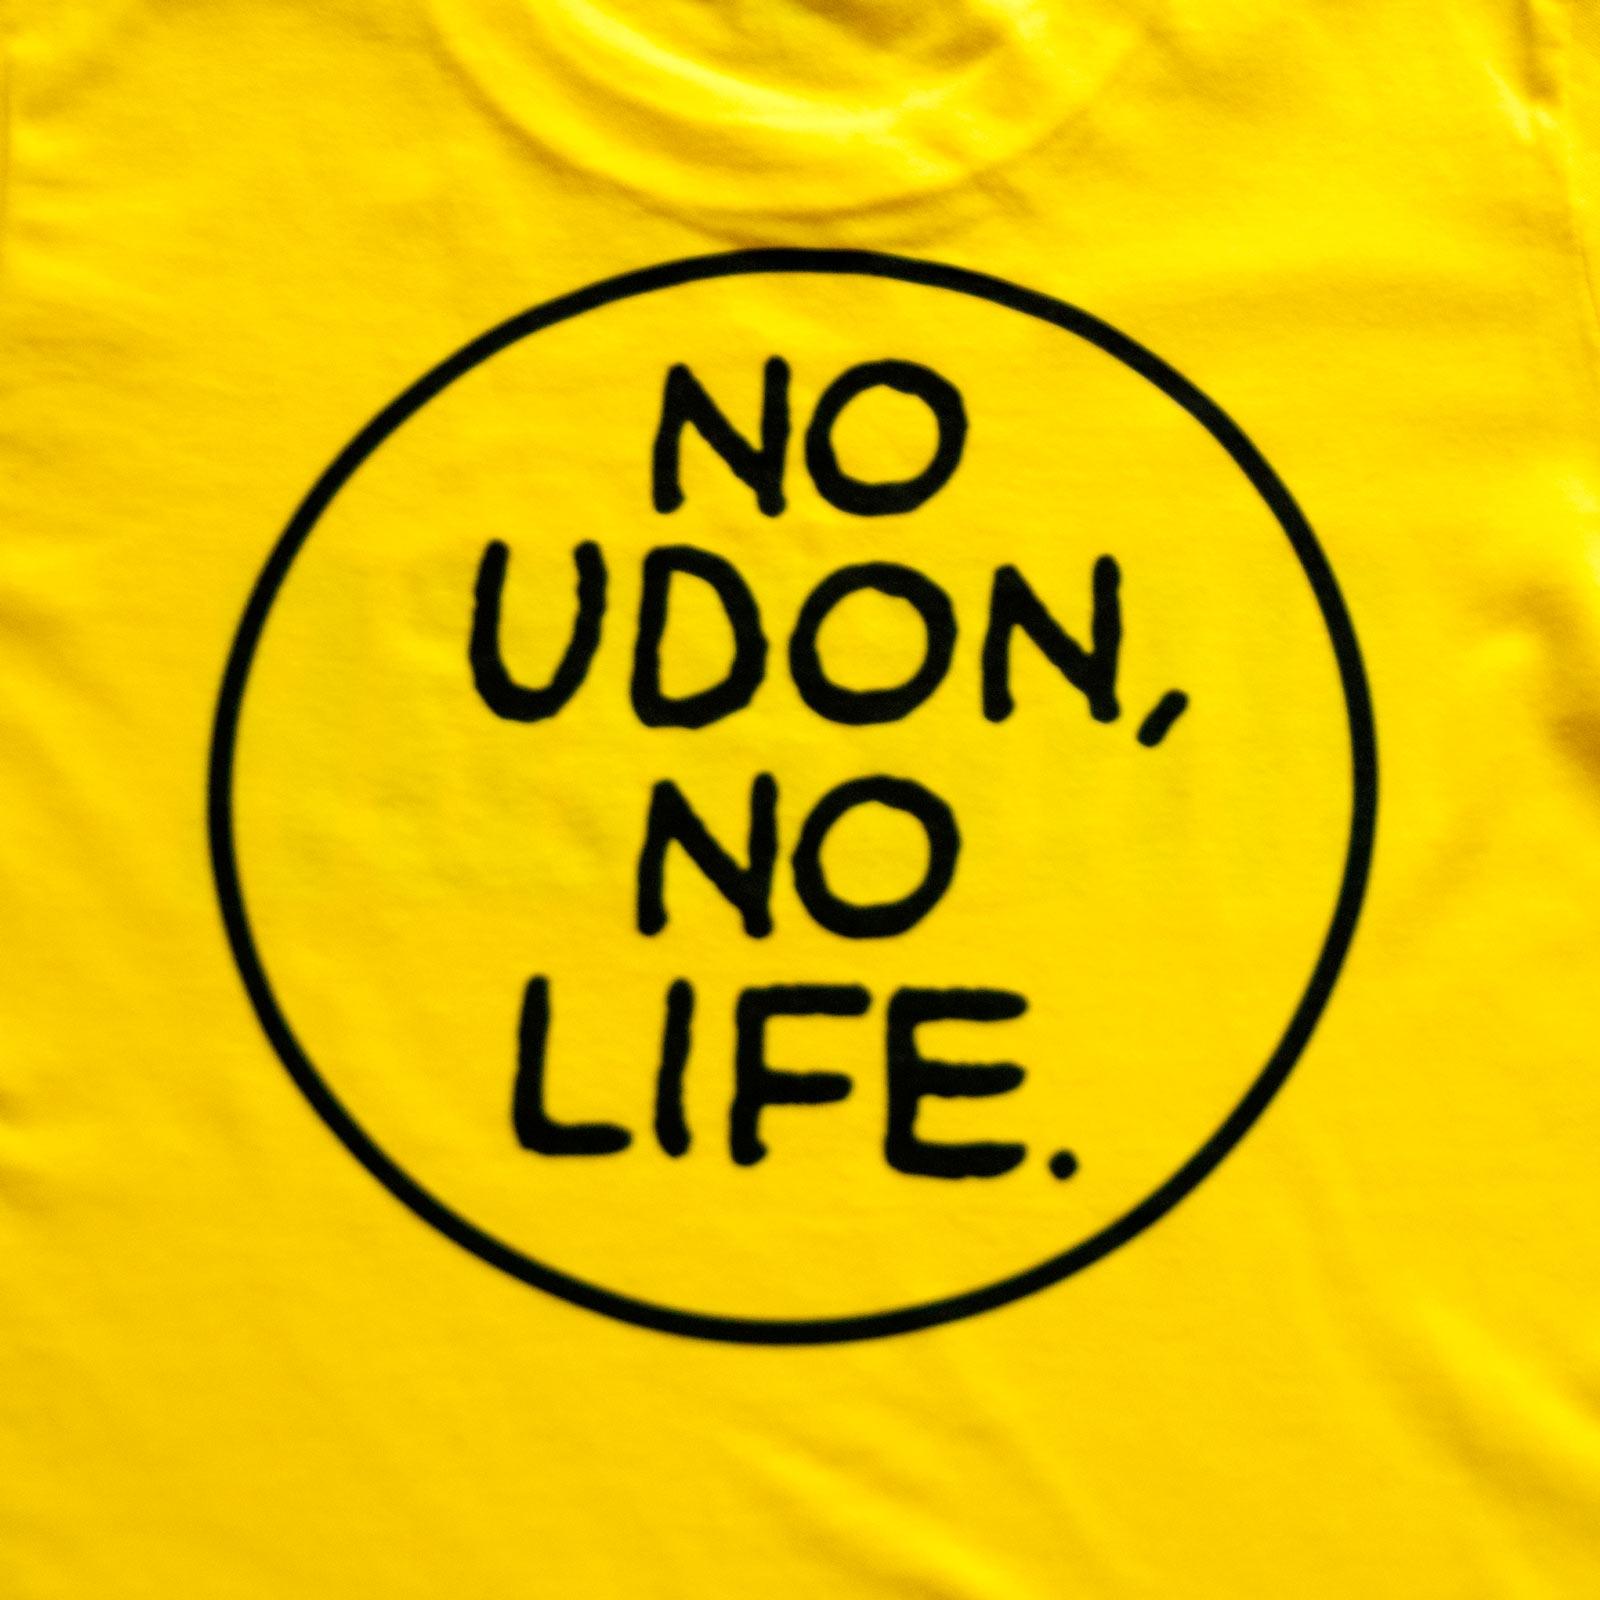 NO UDON, NO LIFE. 香川 Tシャツ